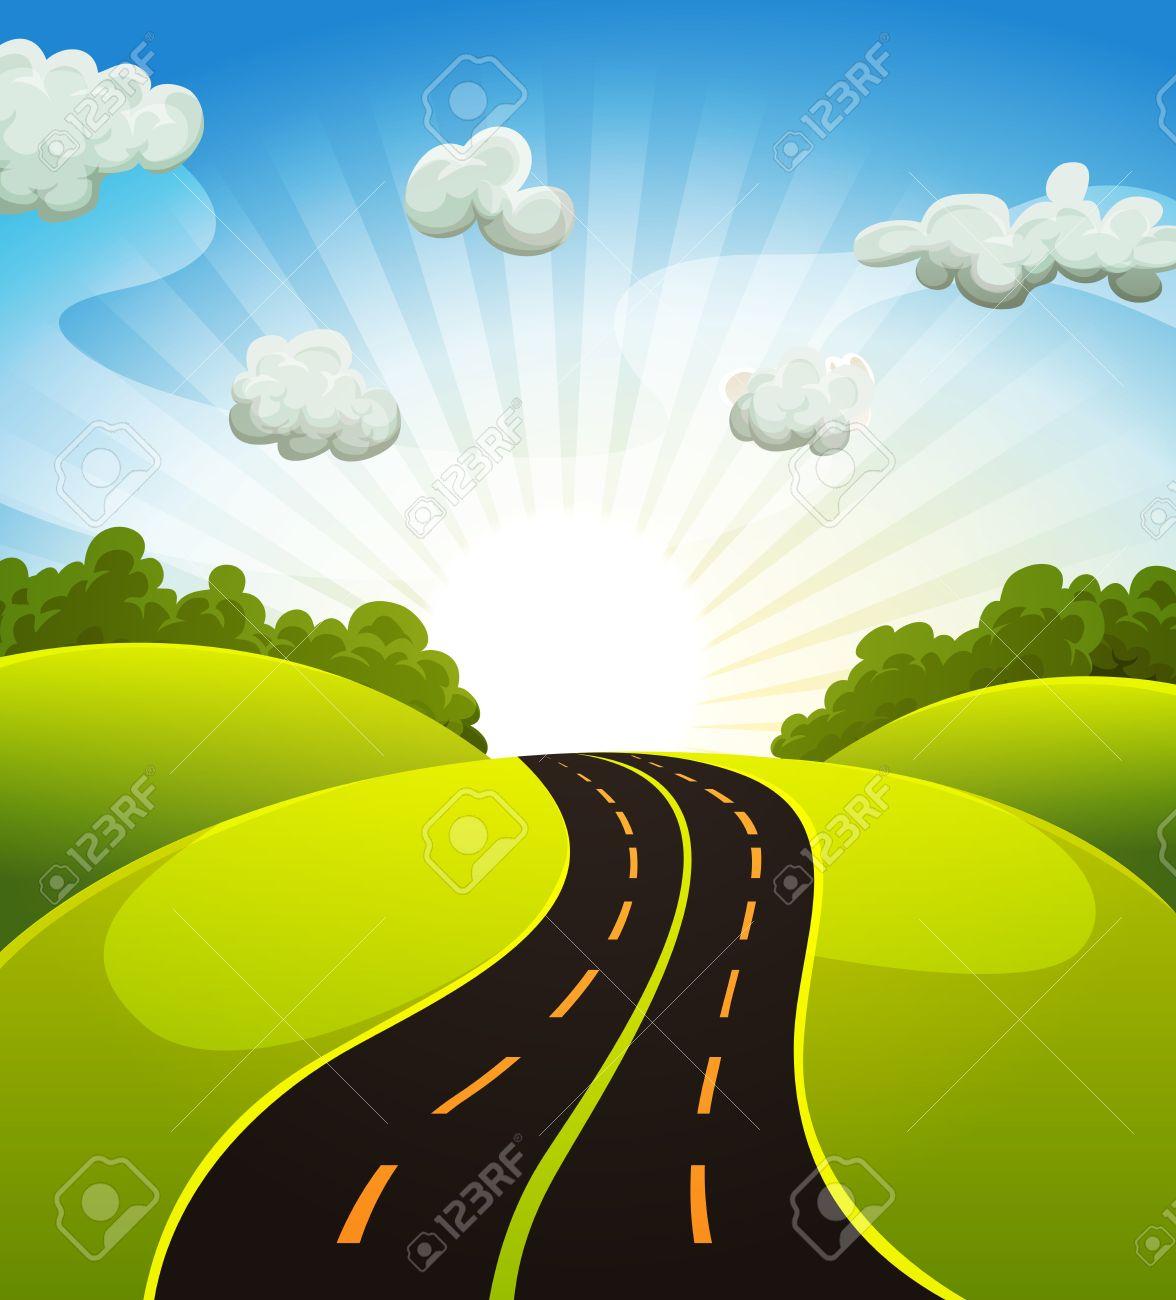 Dessin De Route illustration d'une route la conduite de dessin animé des champs et